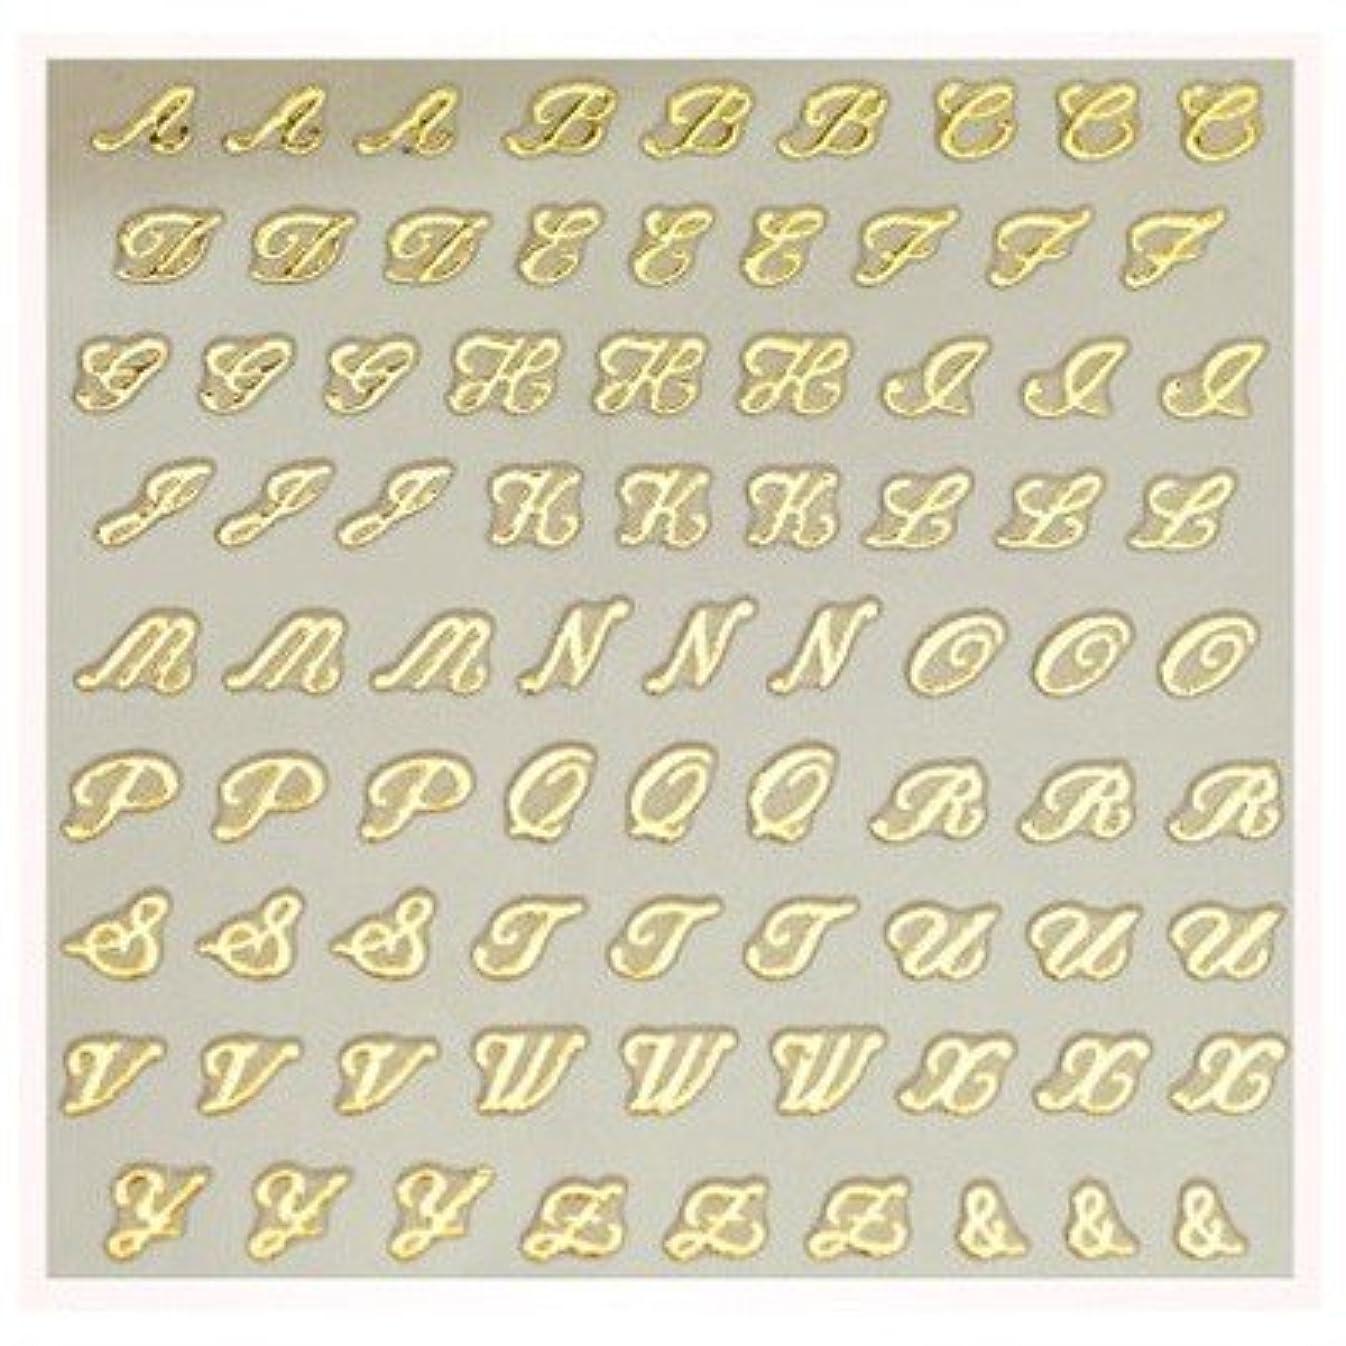 ピアノを弾く行進半球文字ネイルシール アルファベット イニシャル ピアドラ pieadra×BLC ネイルシール ブローチイニシャル 小 ゴールド